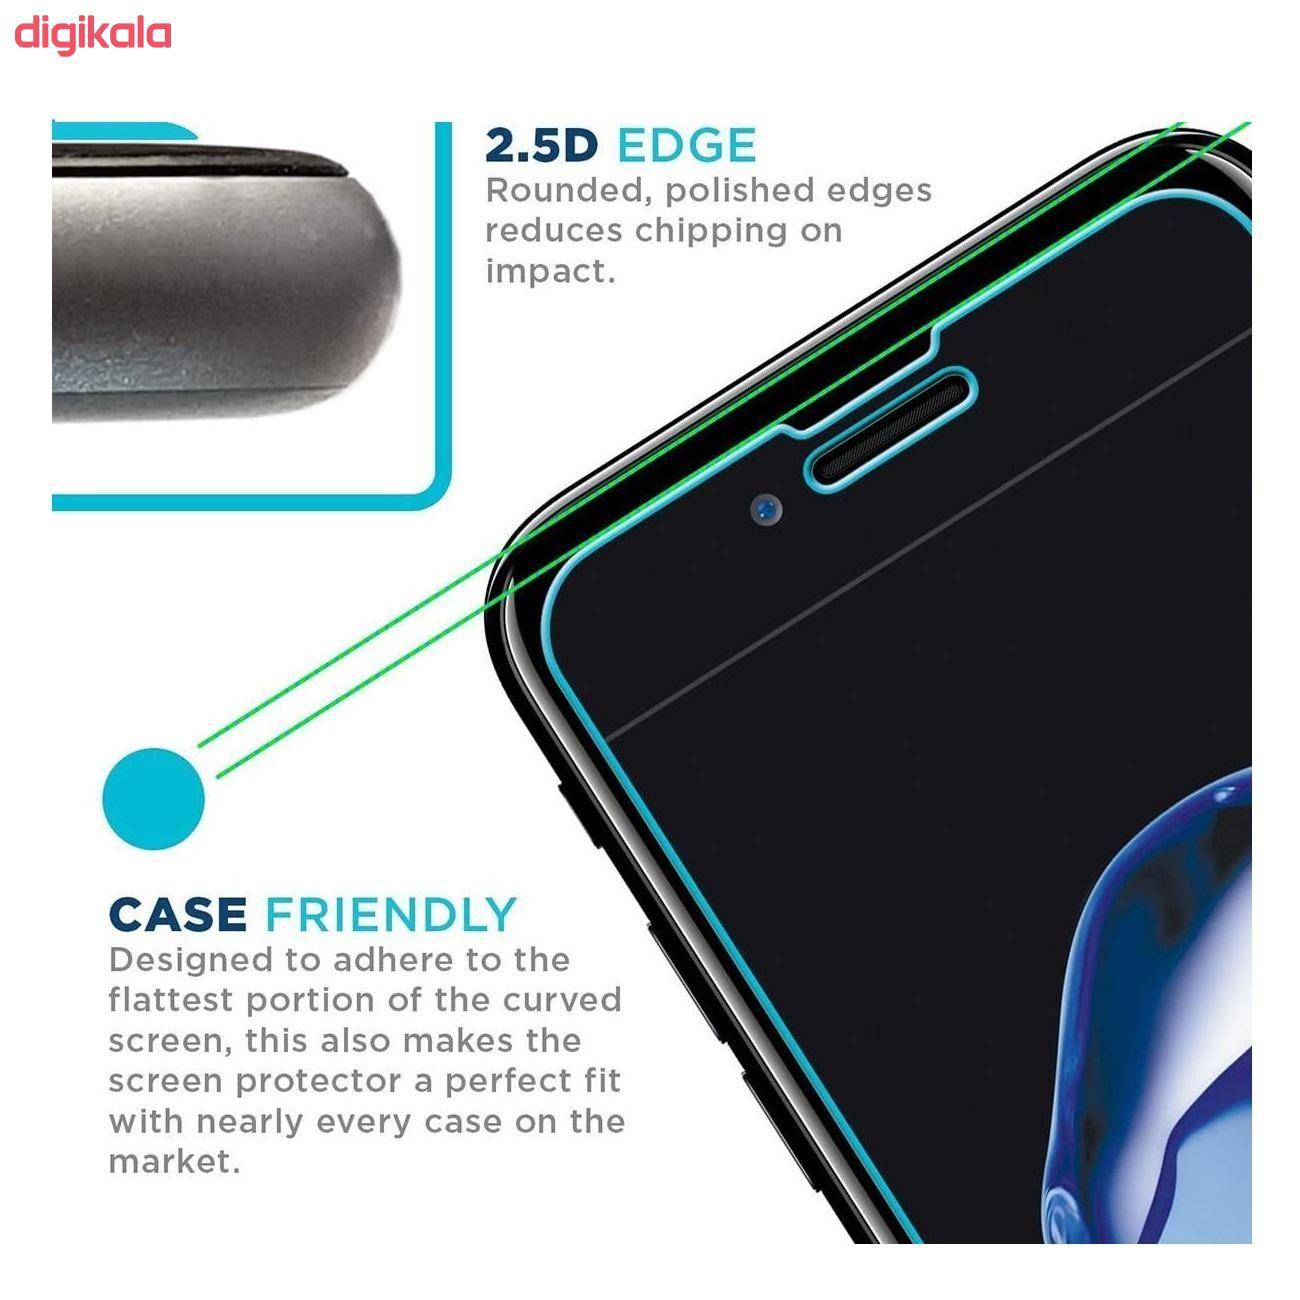 محافظ صفحه نمایش ولگا مدل CER-Powertech مناسب برای گوشی موبایل سامسونگ Galaxy A51 main 1 4